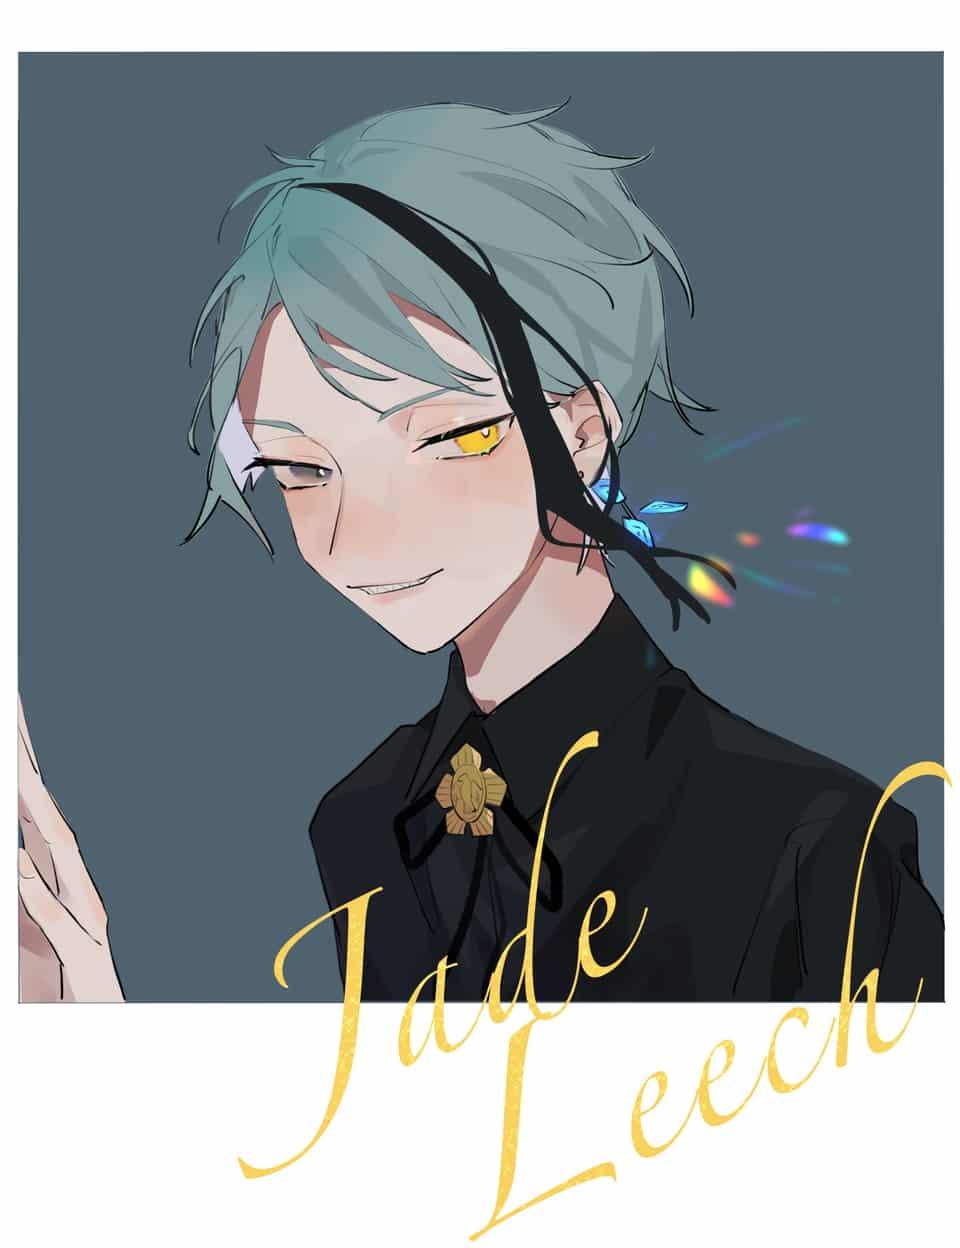 ハピバ! Illust of Huasa JadeLeech Twisted-Wonderland FloydLeech